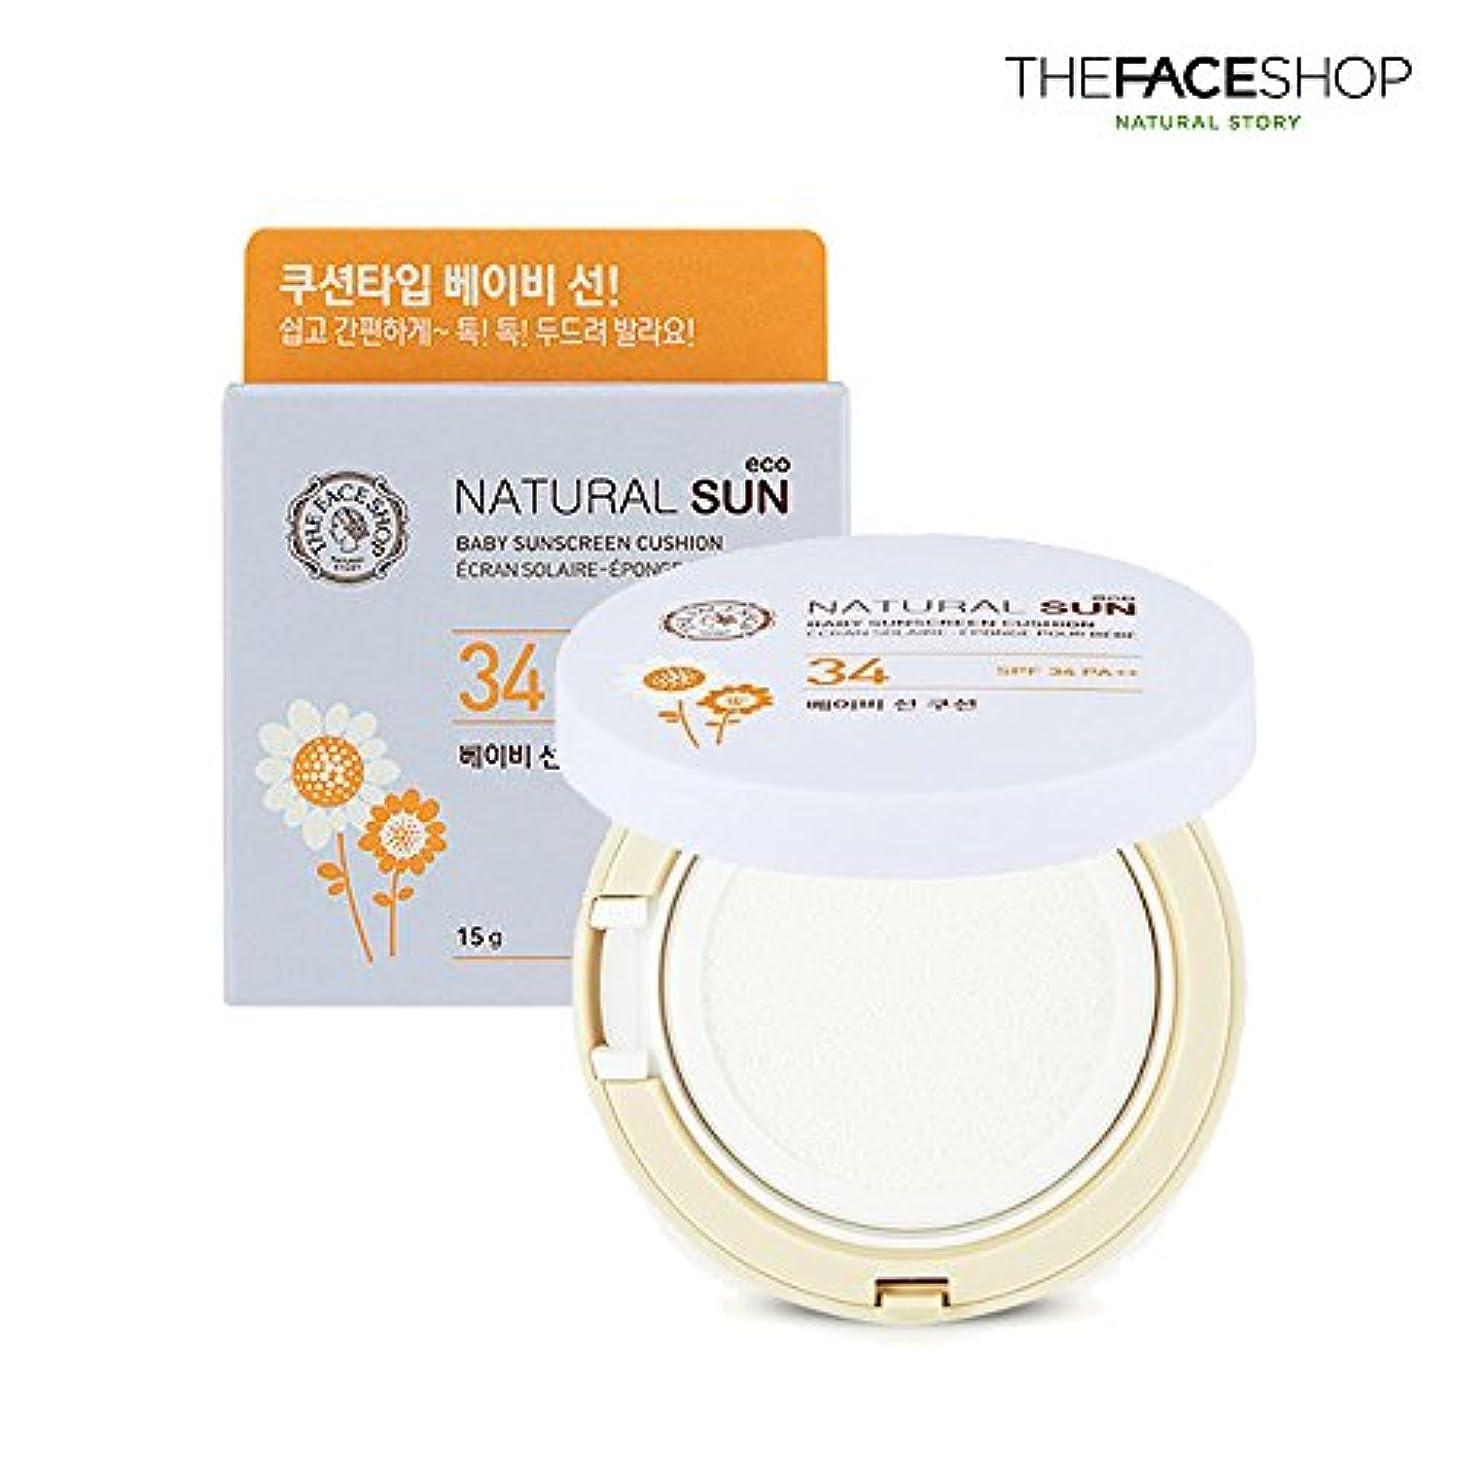 他の日文明化するシンジケートthe face shop Natural Sun ECO baby sunscreen cushion 34 PA++ 赤ちゃんサンスクリーンクッション